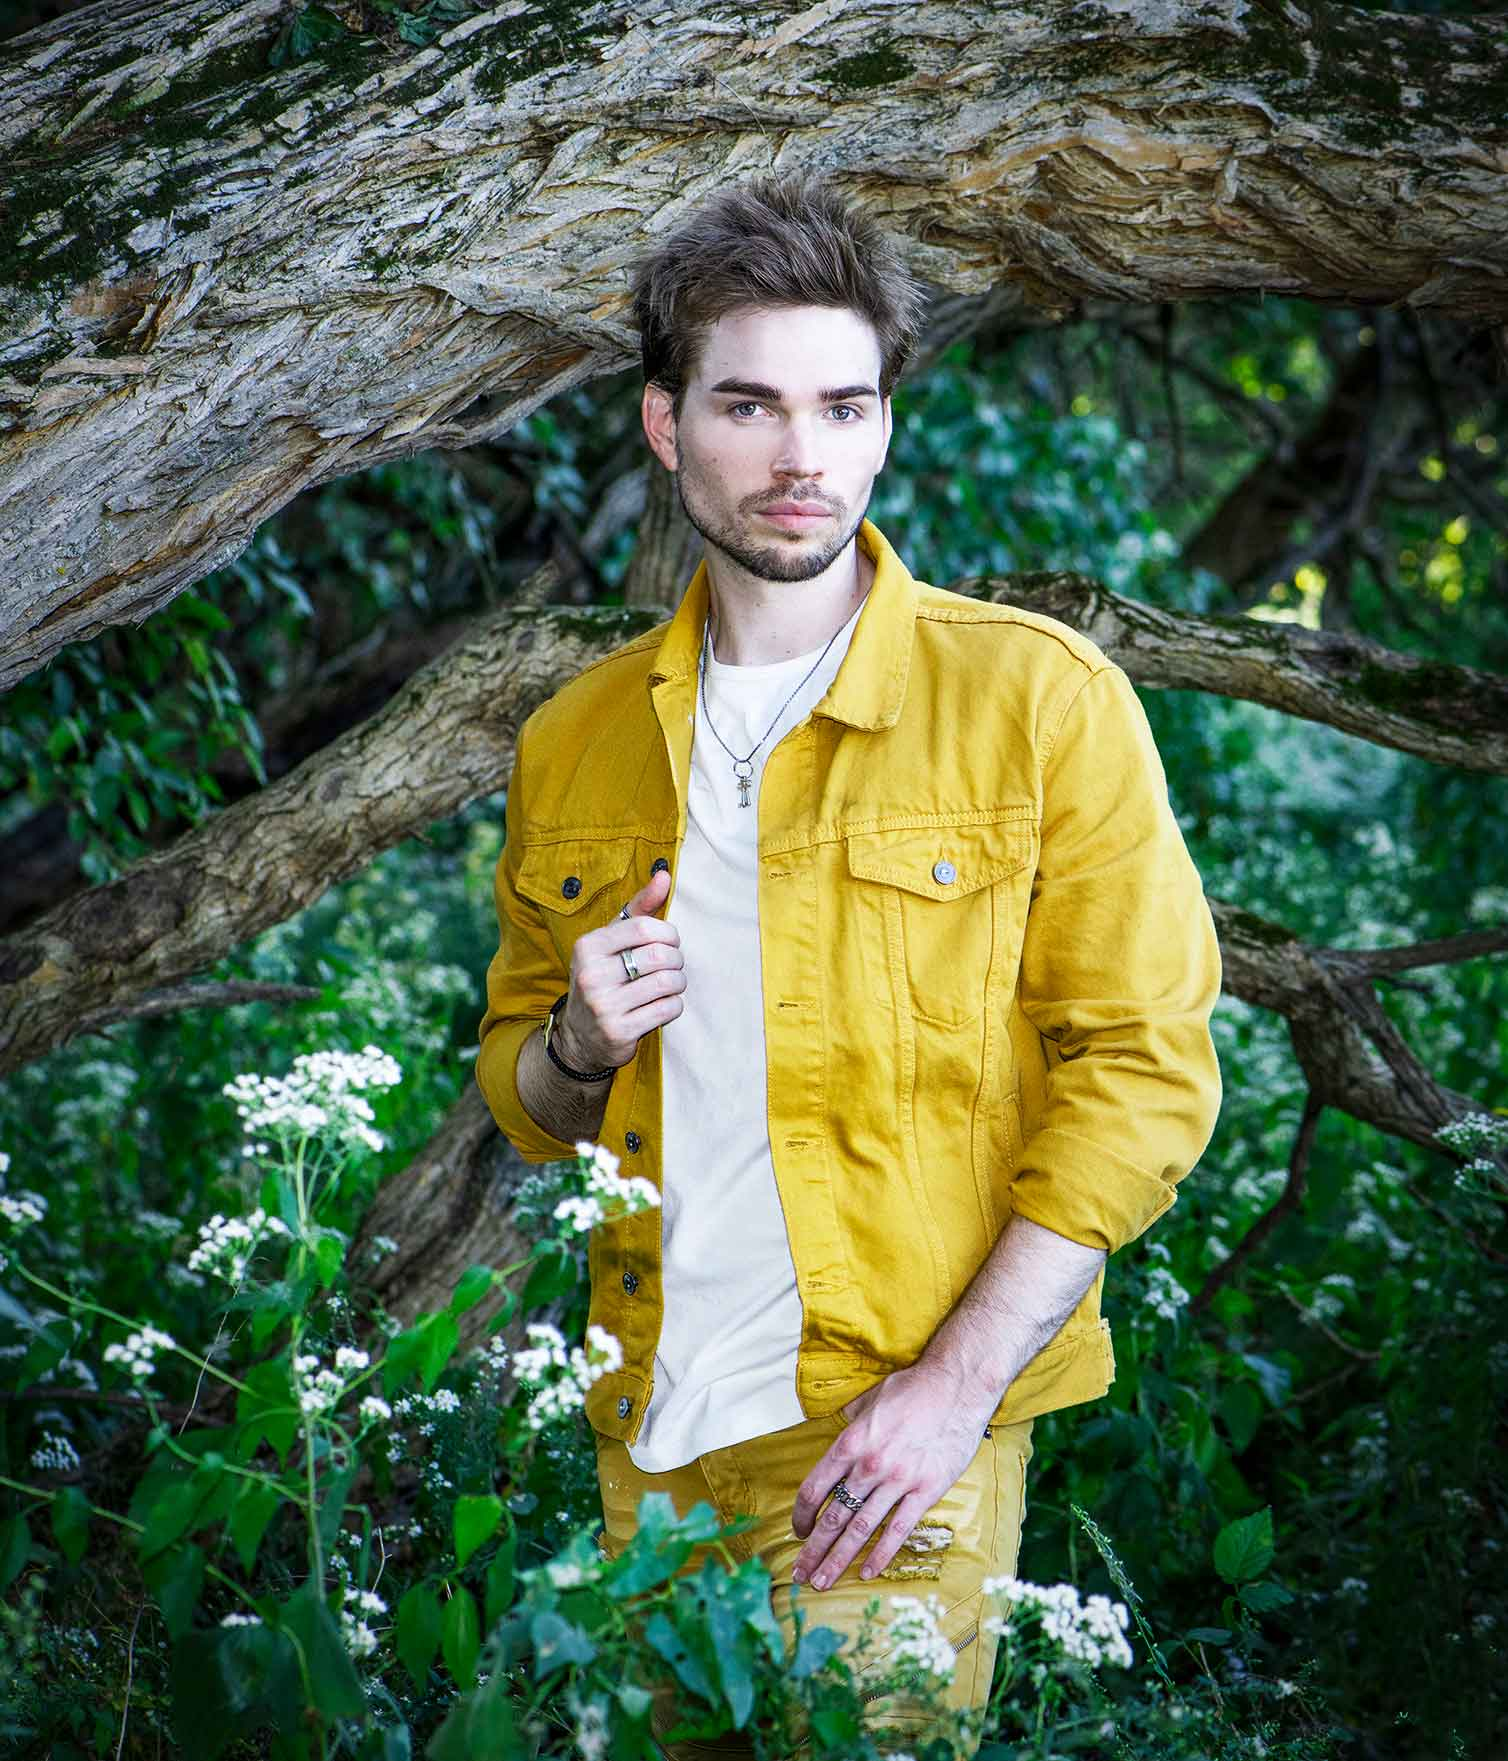 Chicago - based singer/songwriter Isaiah Grass - Singer